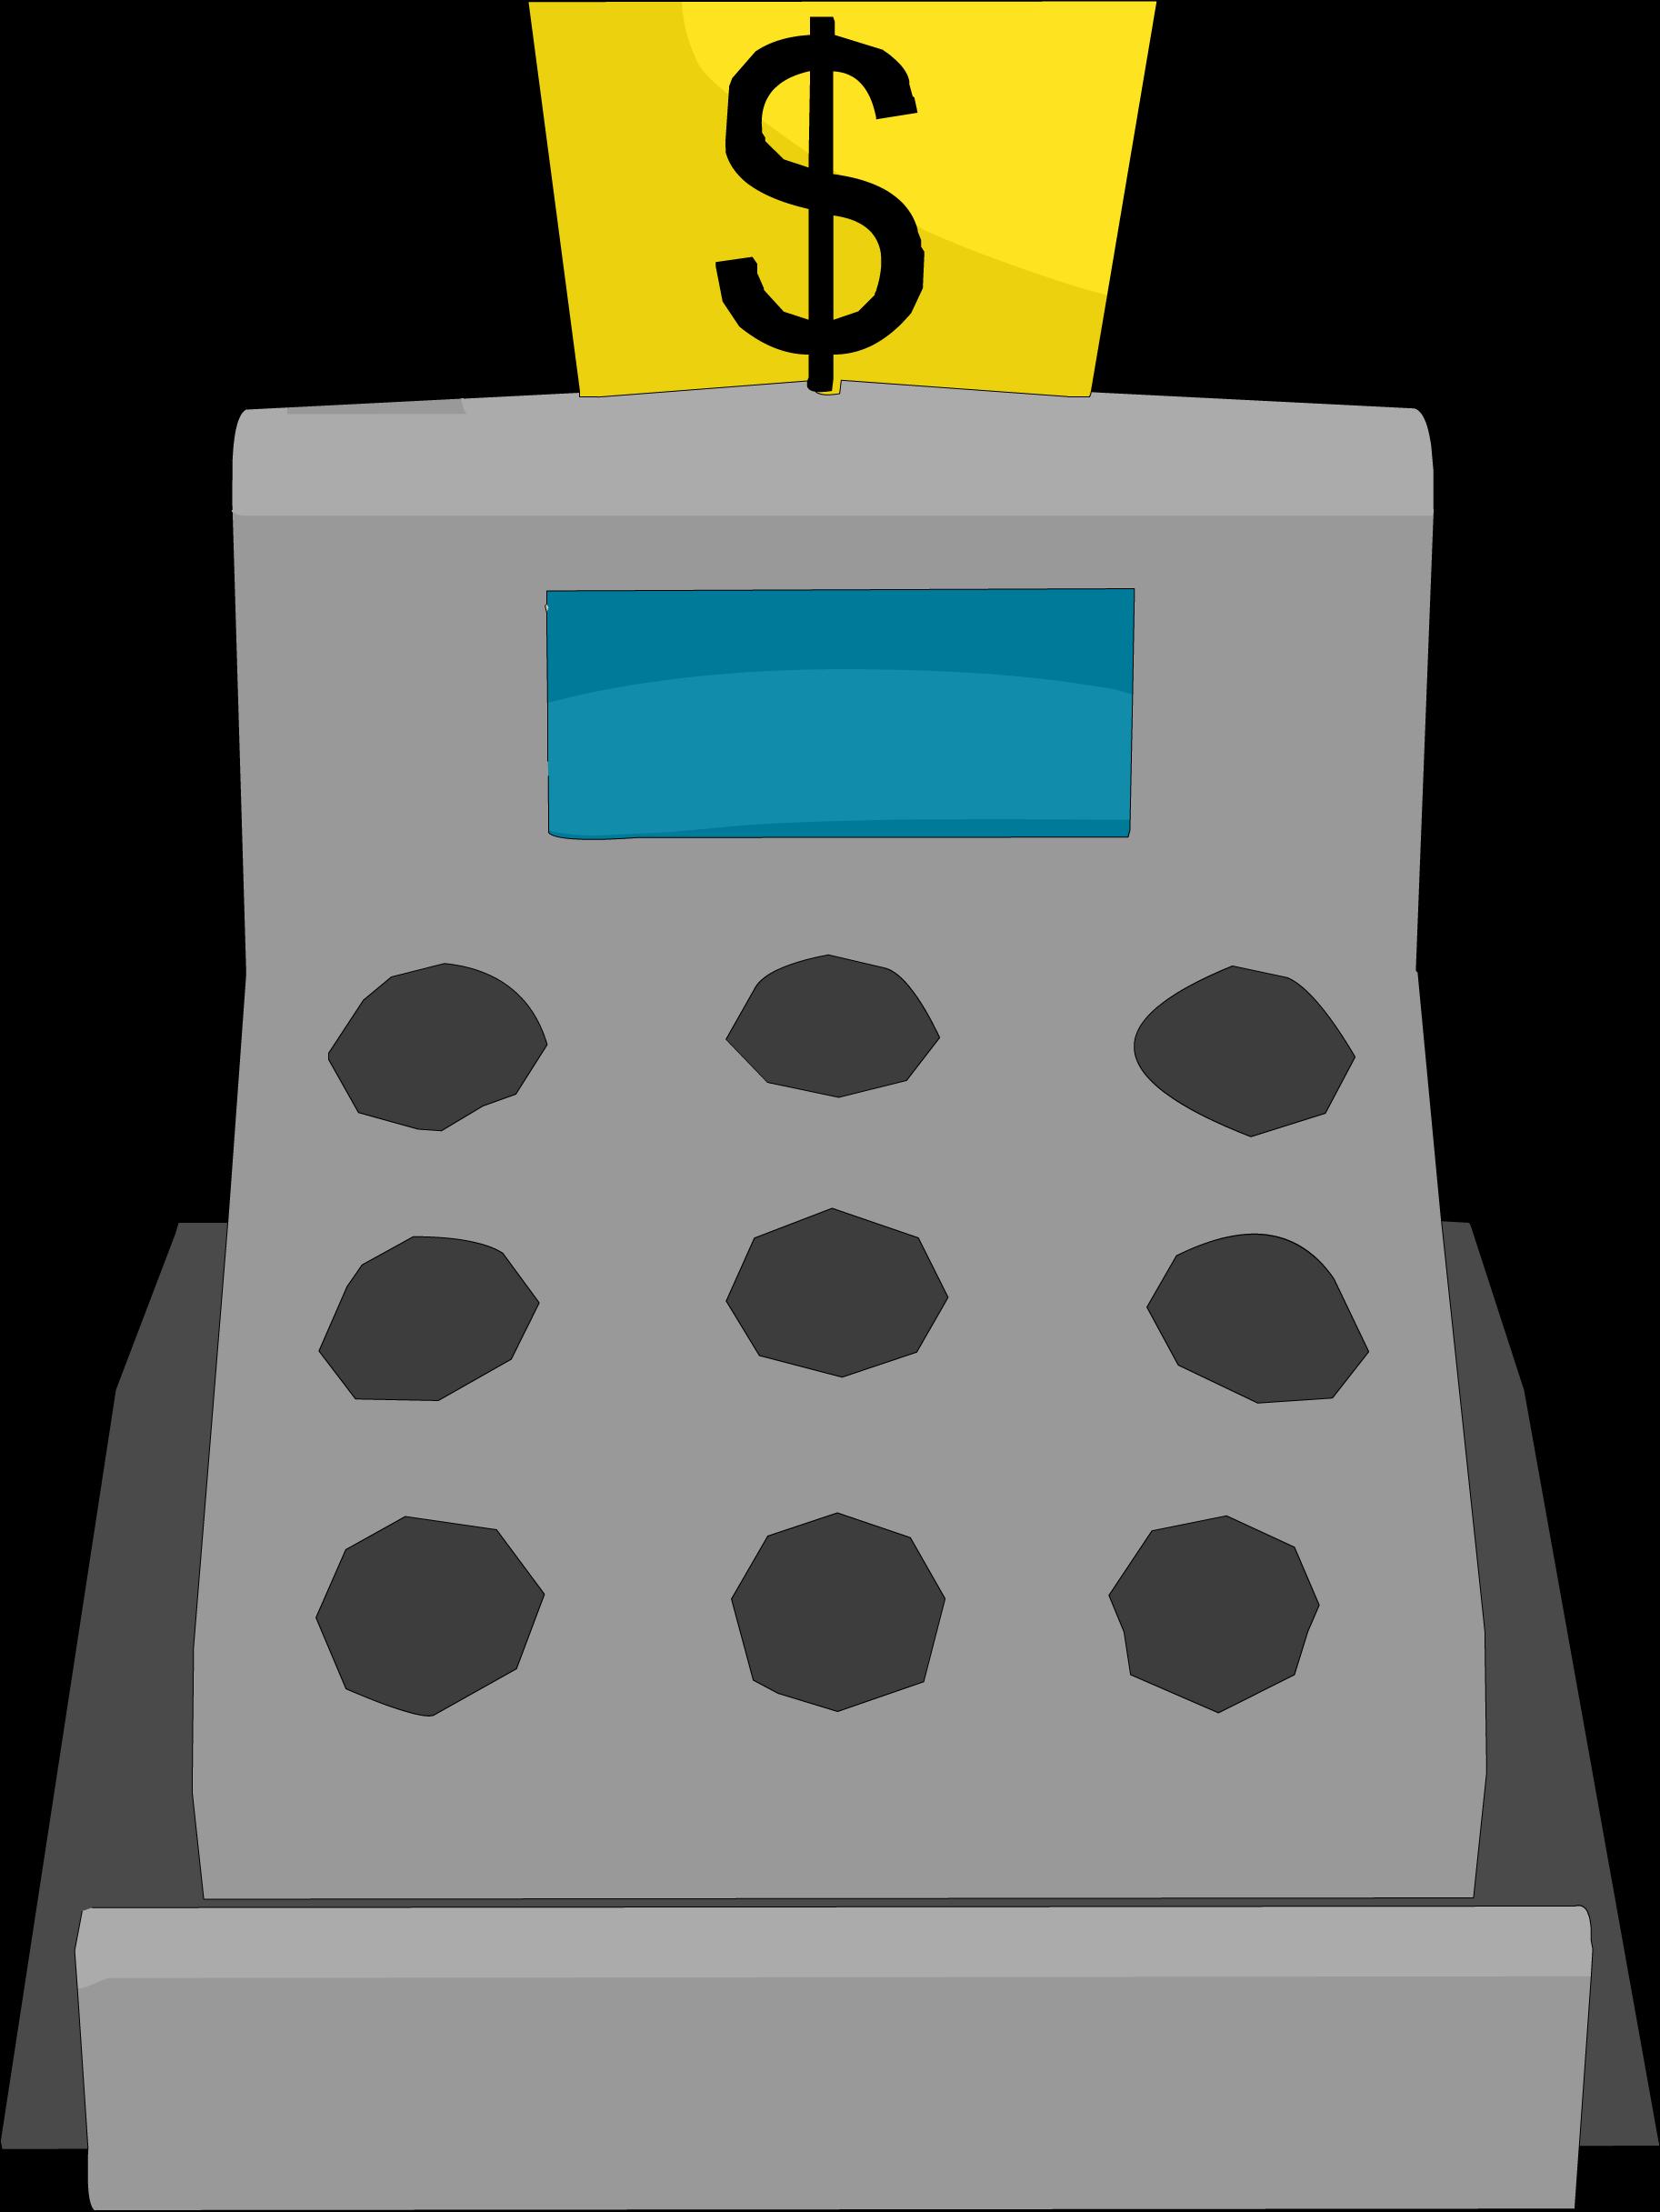 Cashier clipart casher. Cash register club penguin